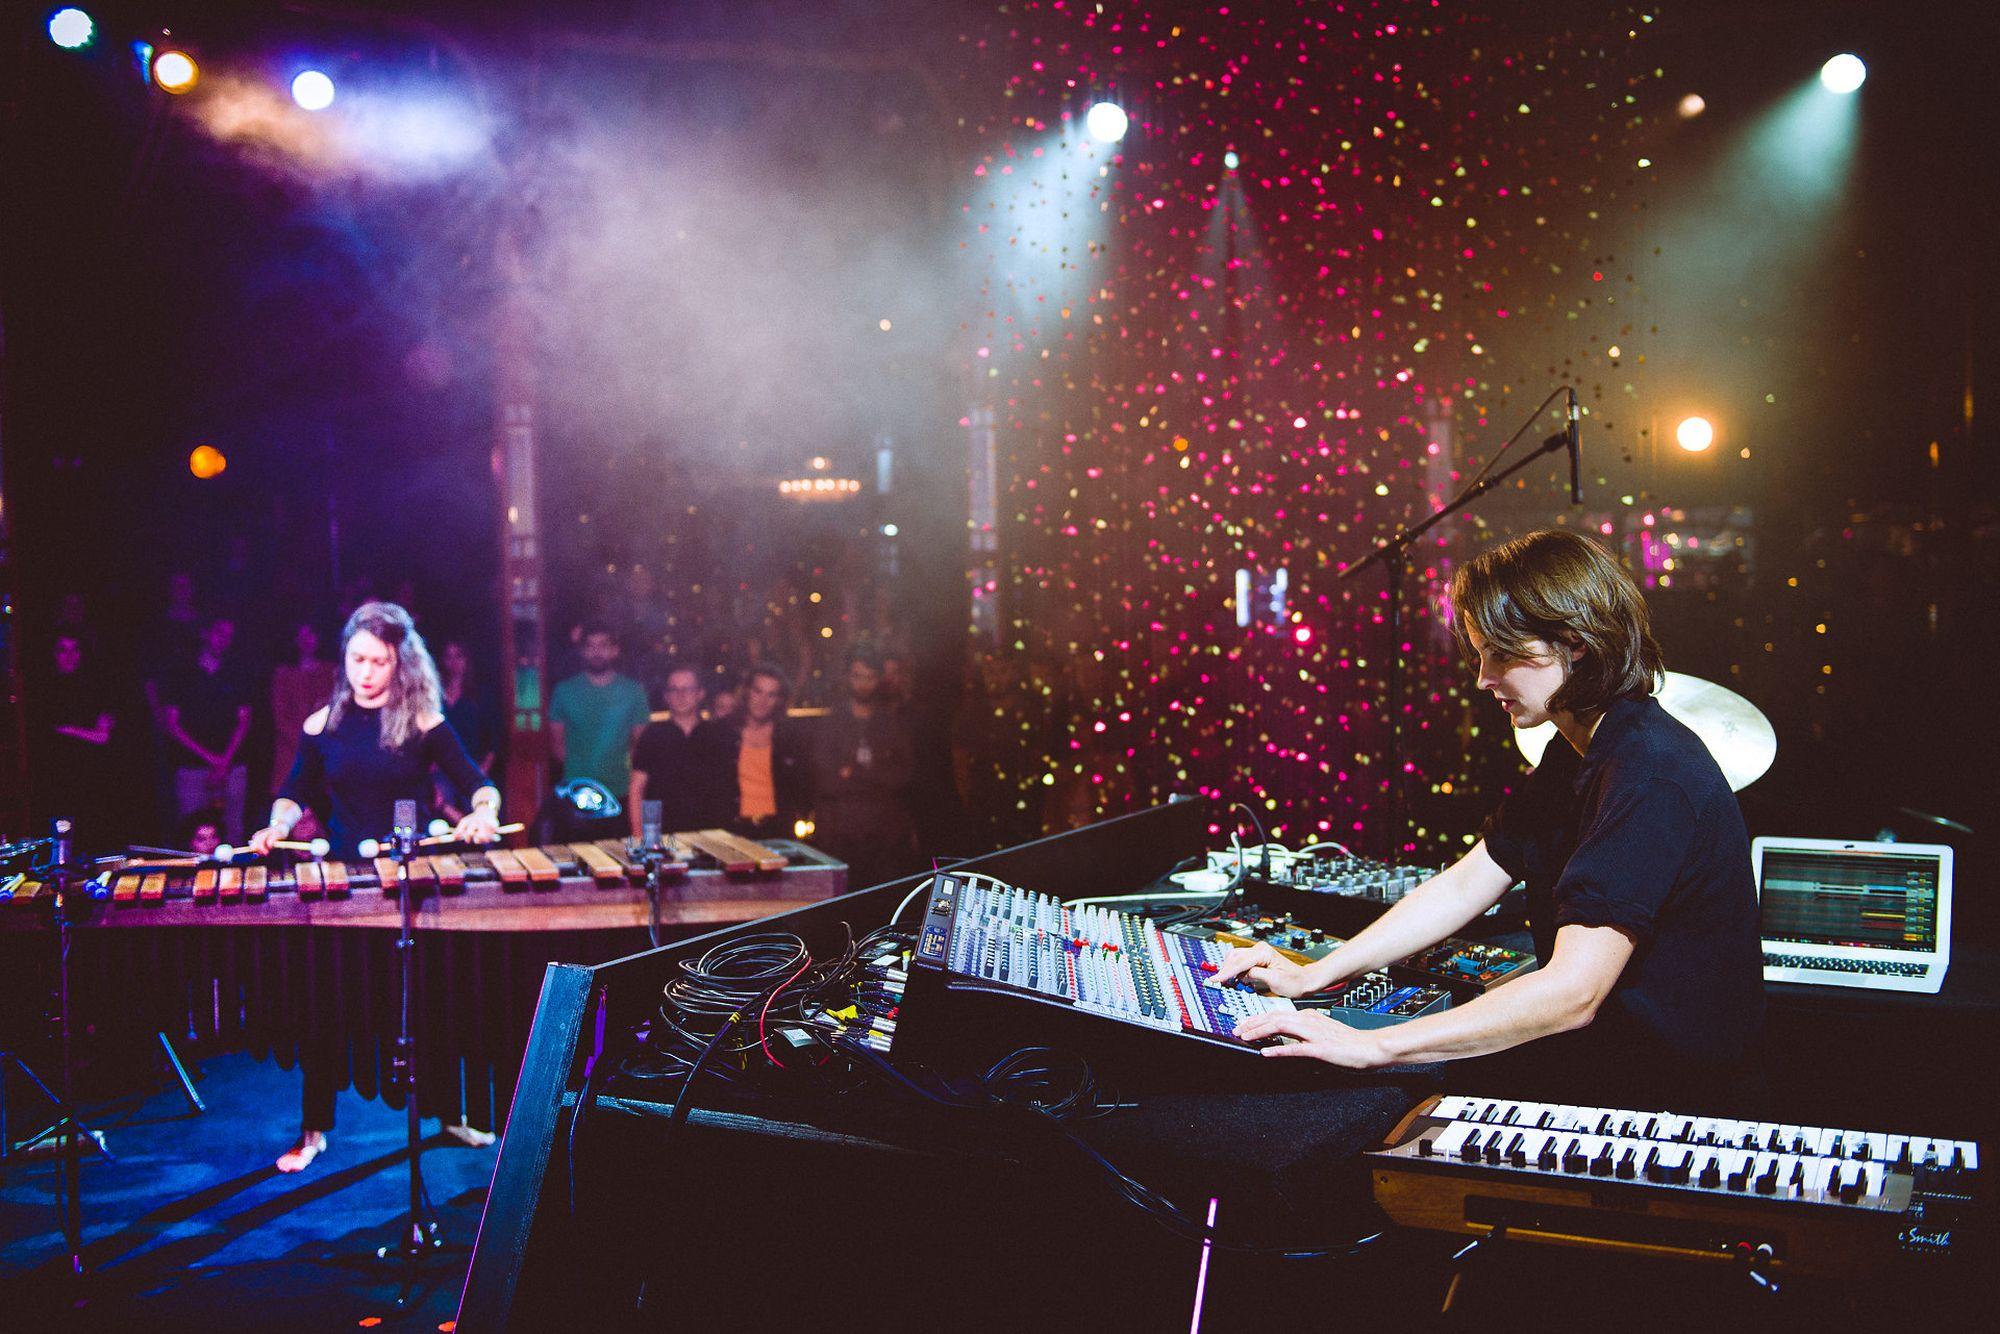 Vassilena Serafimova & Chloé: Sequenza Live